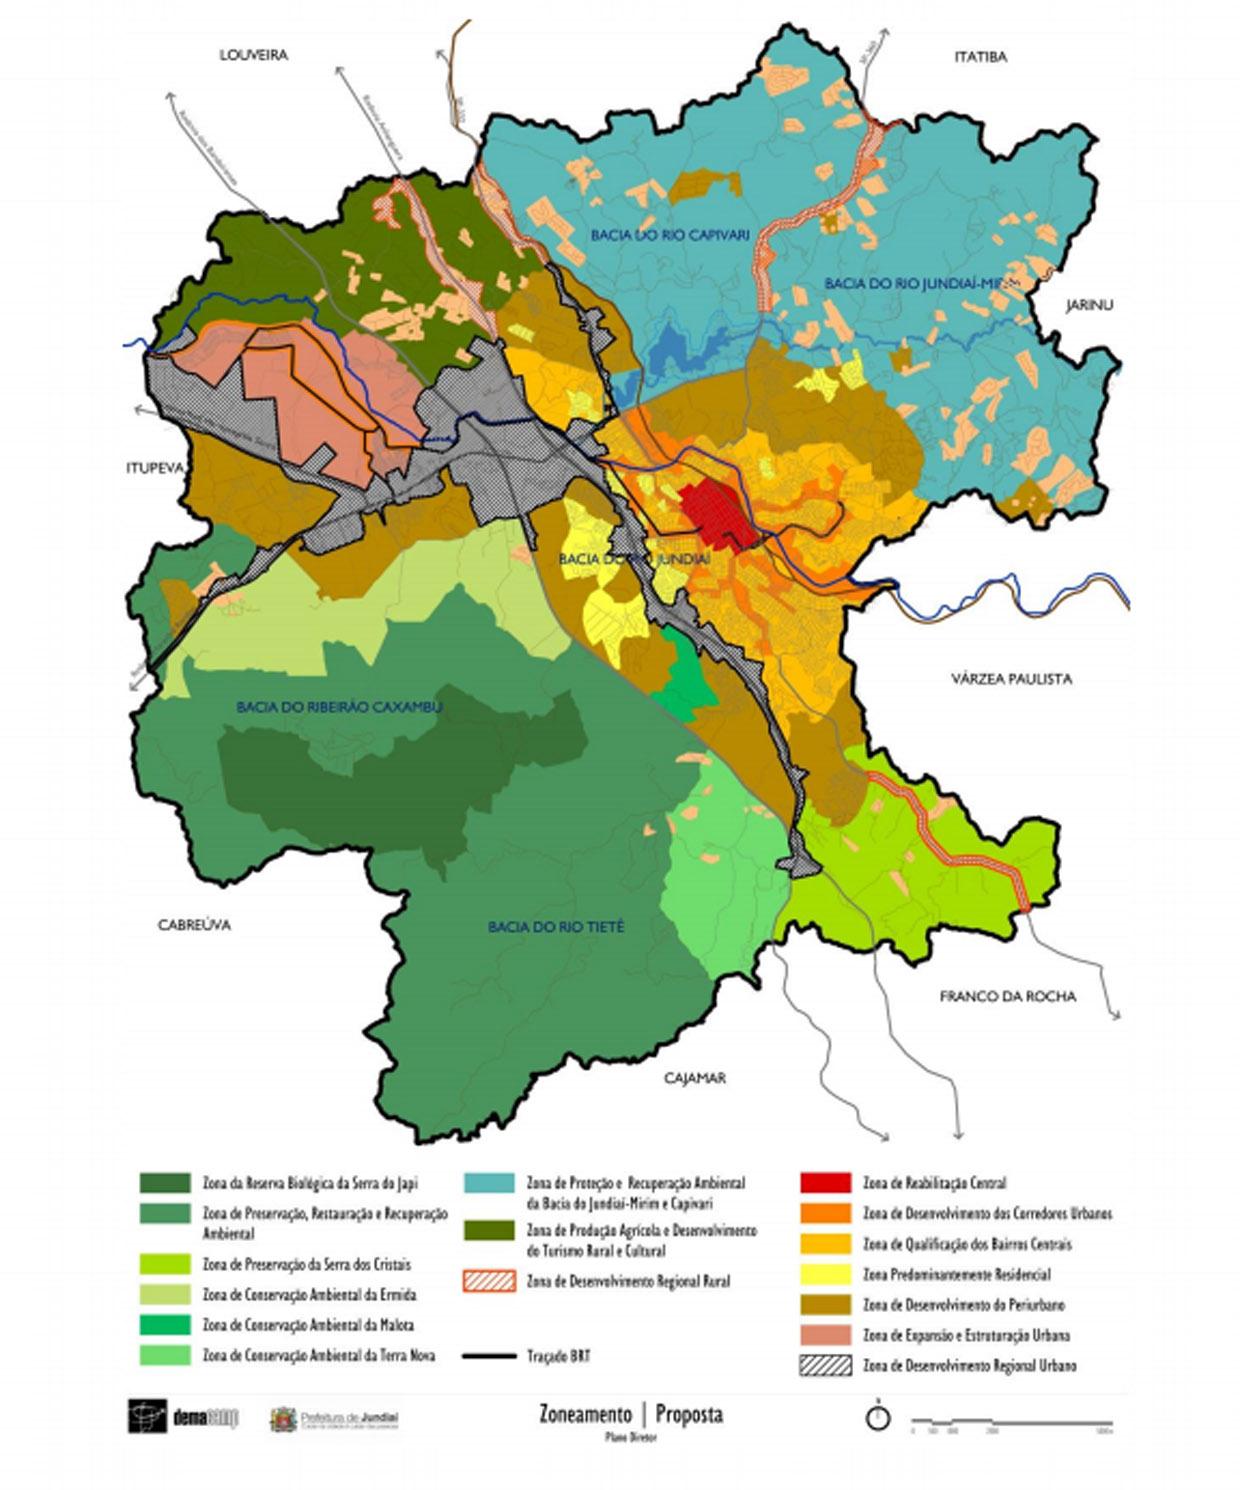 Mapa-base integra proposta preliminar para delegados